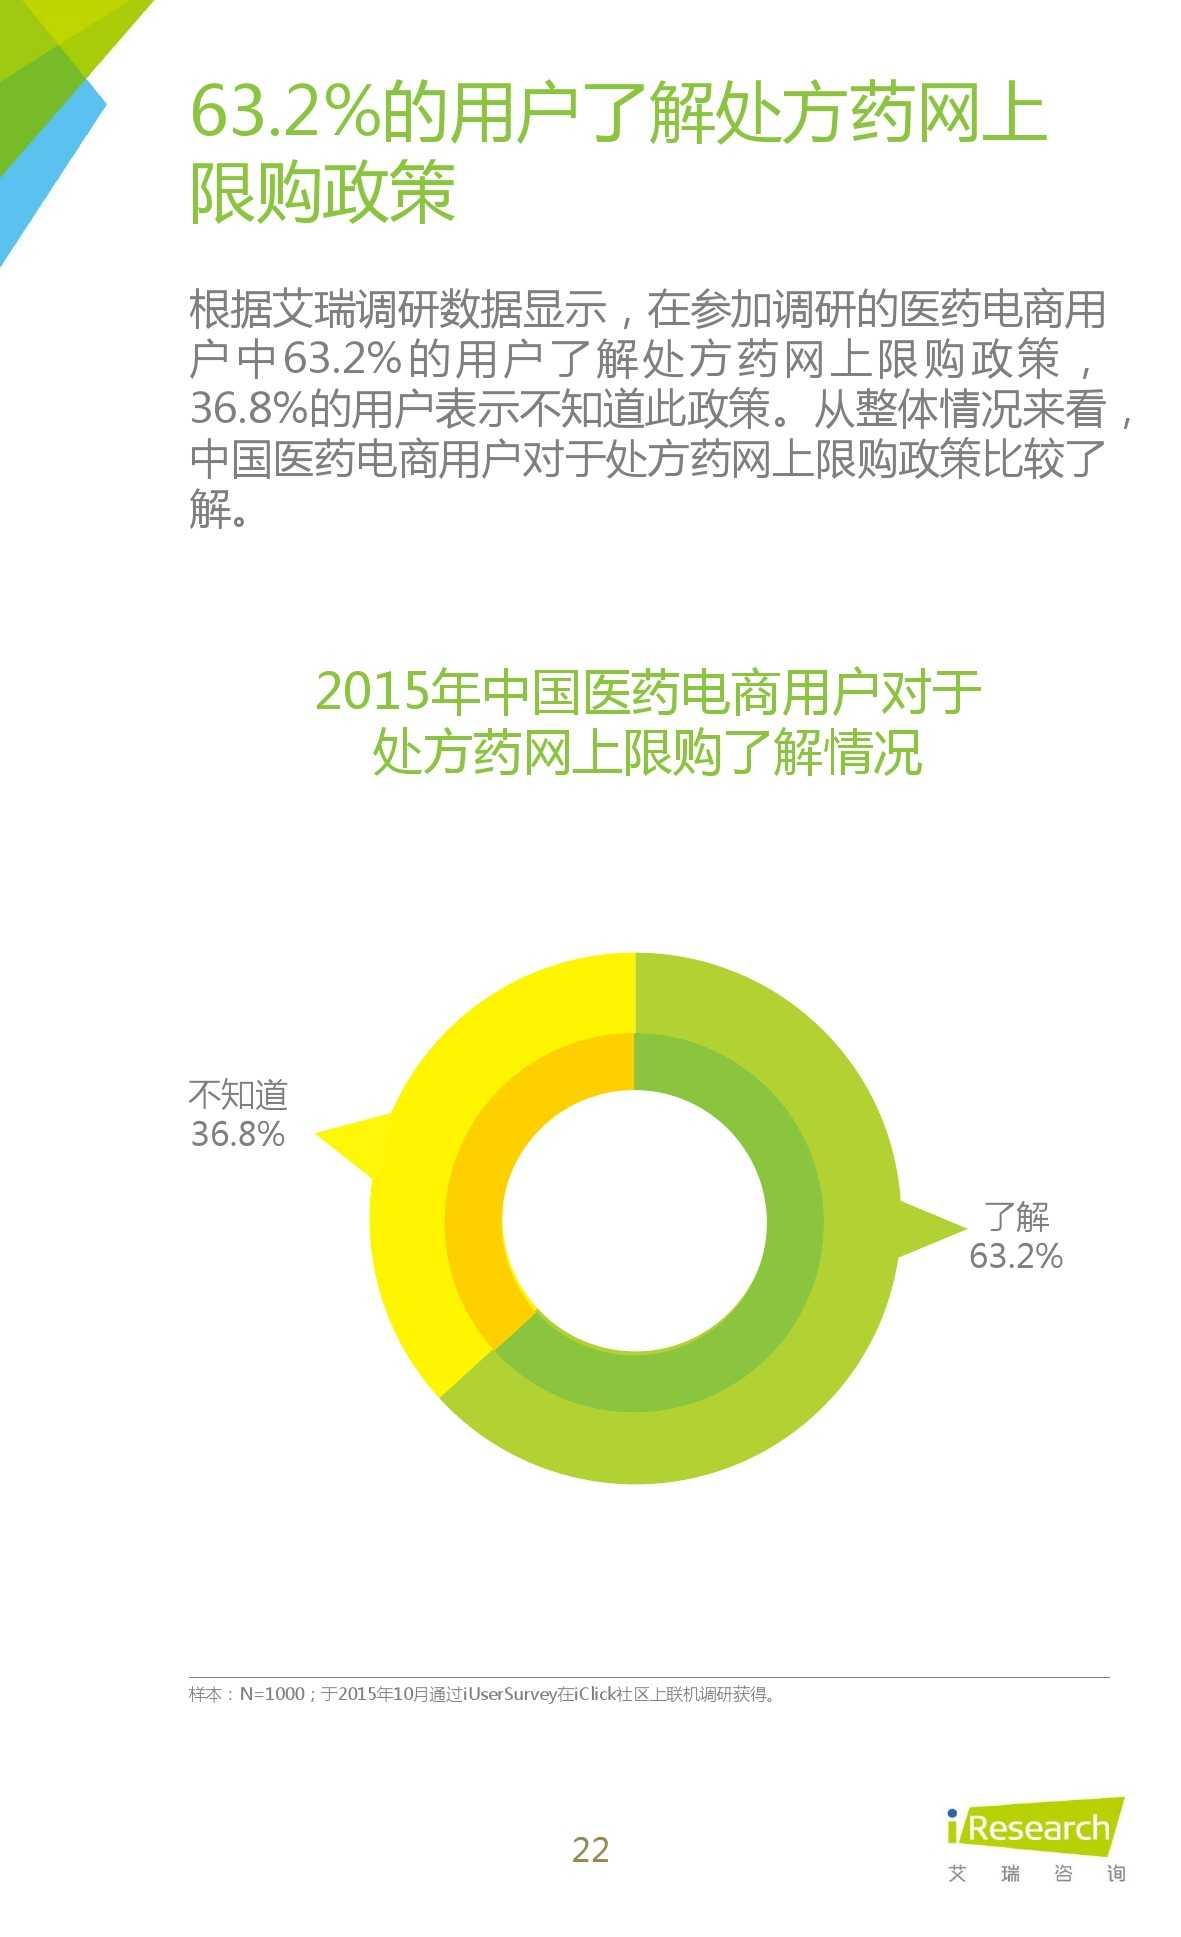 2015年中国医药电商用户行为研究报告_000022